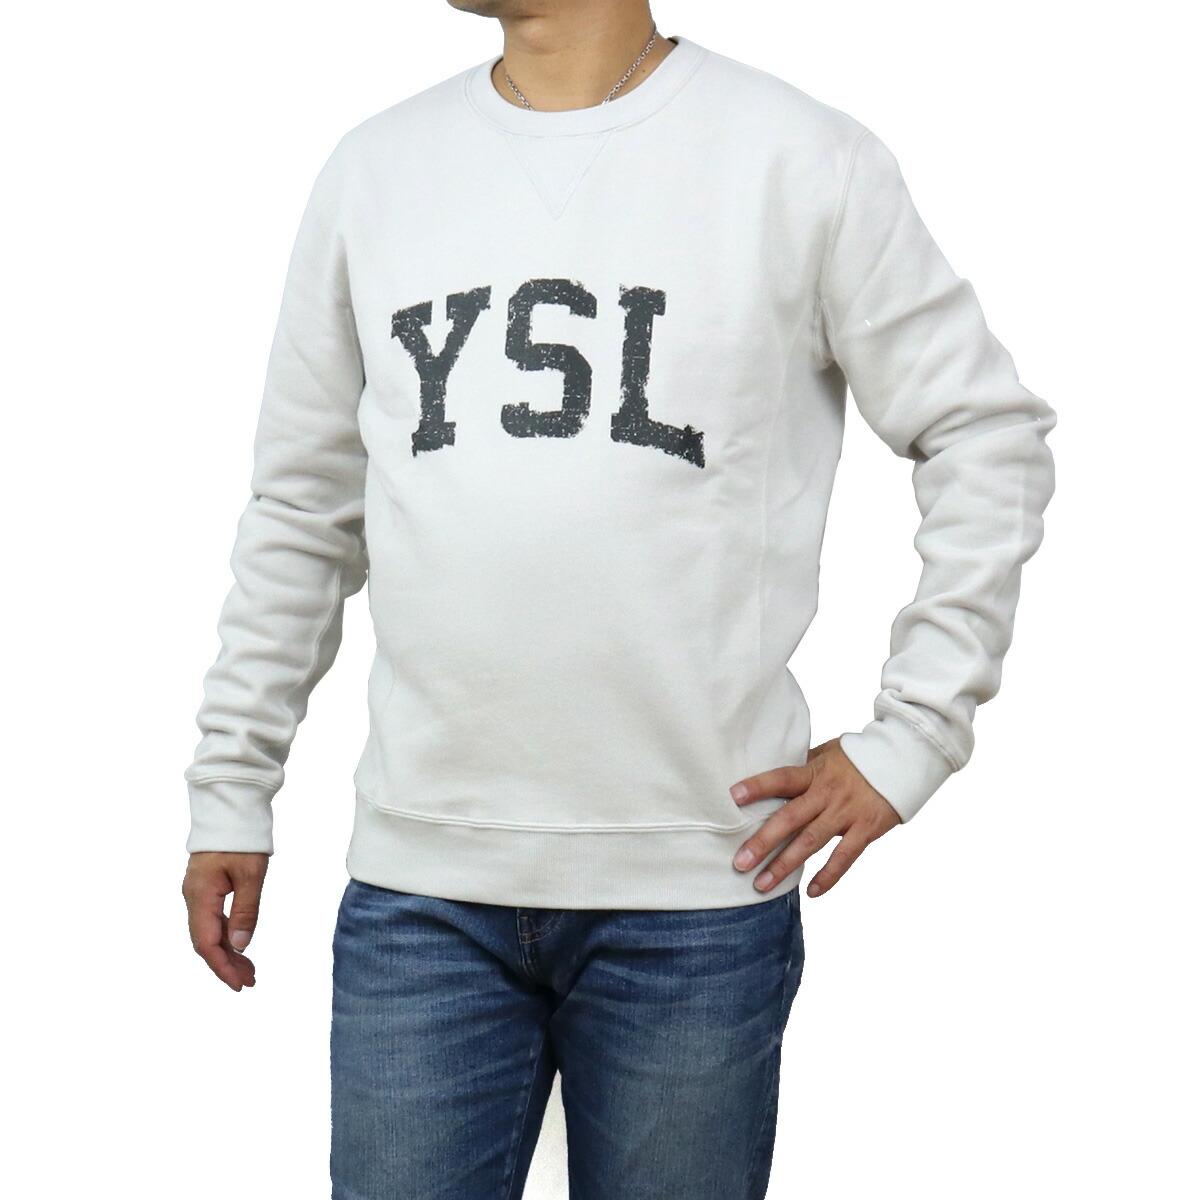 サンローラン SAINT LAURENT  メンズ-スウェット ブランドロゴ ブランドトレーナー 666979 Y36IP 9766 グレー系 bos-14 apparel-01